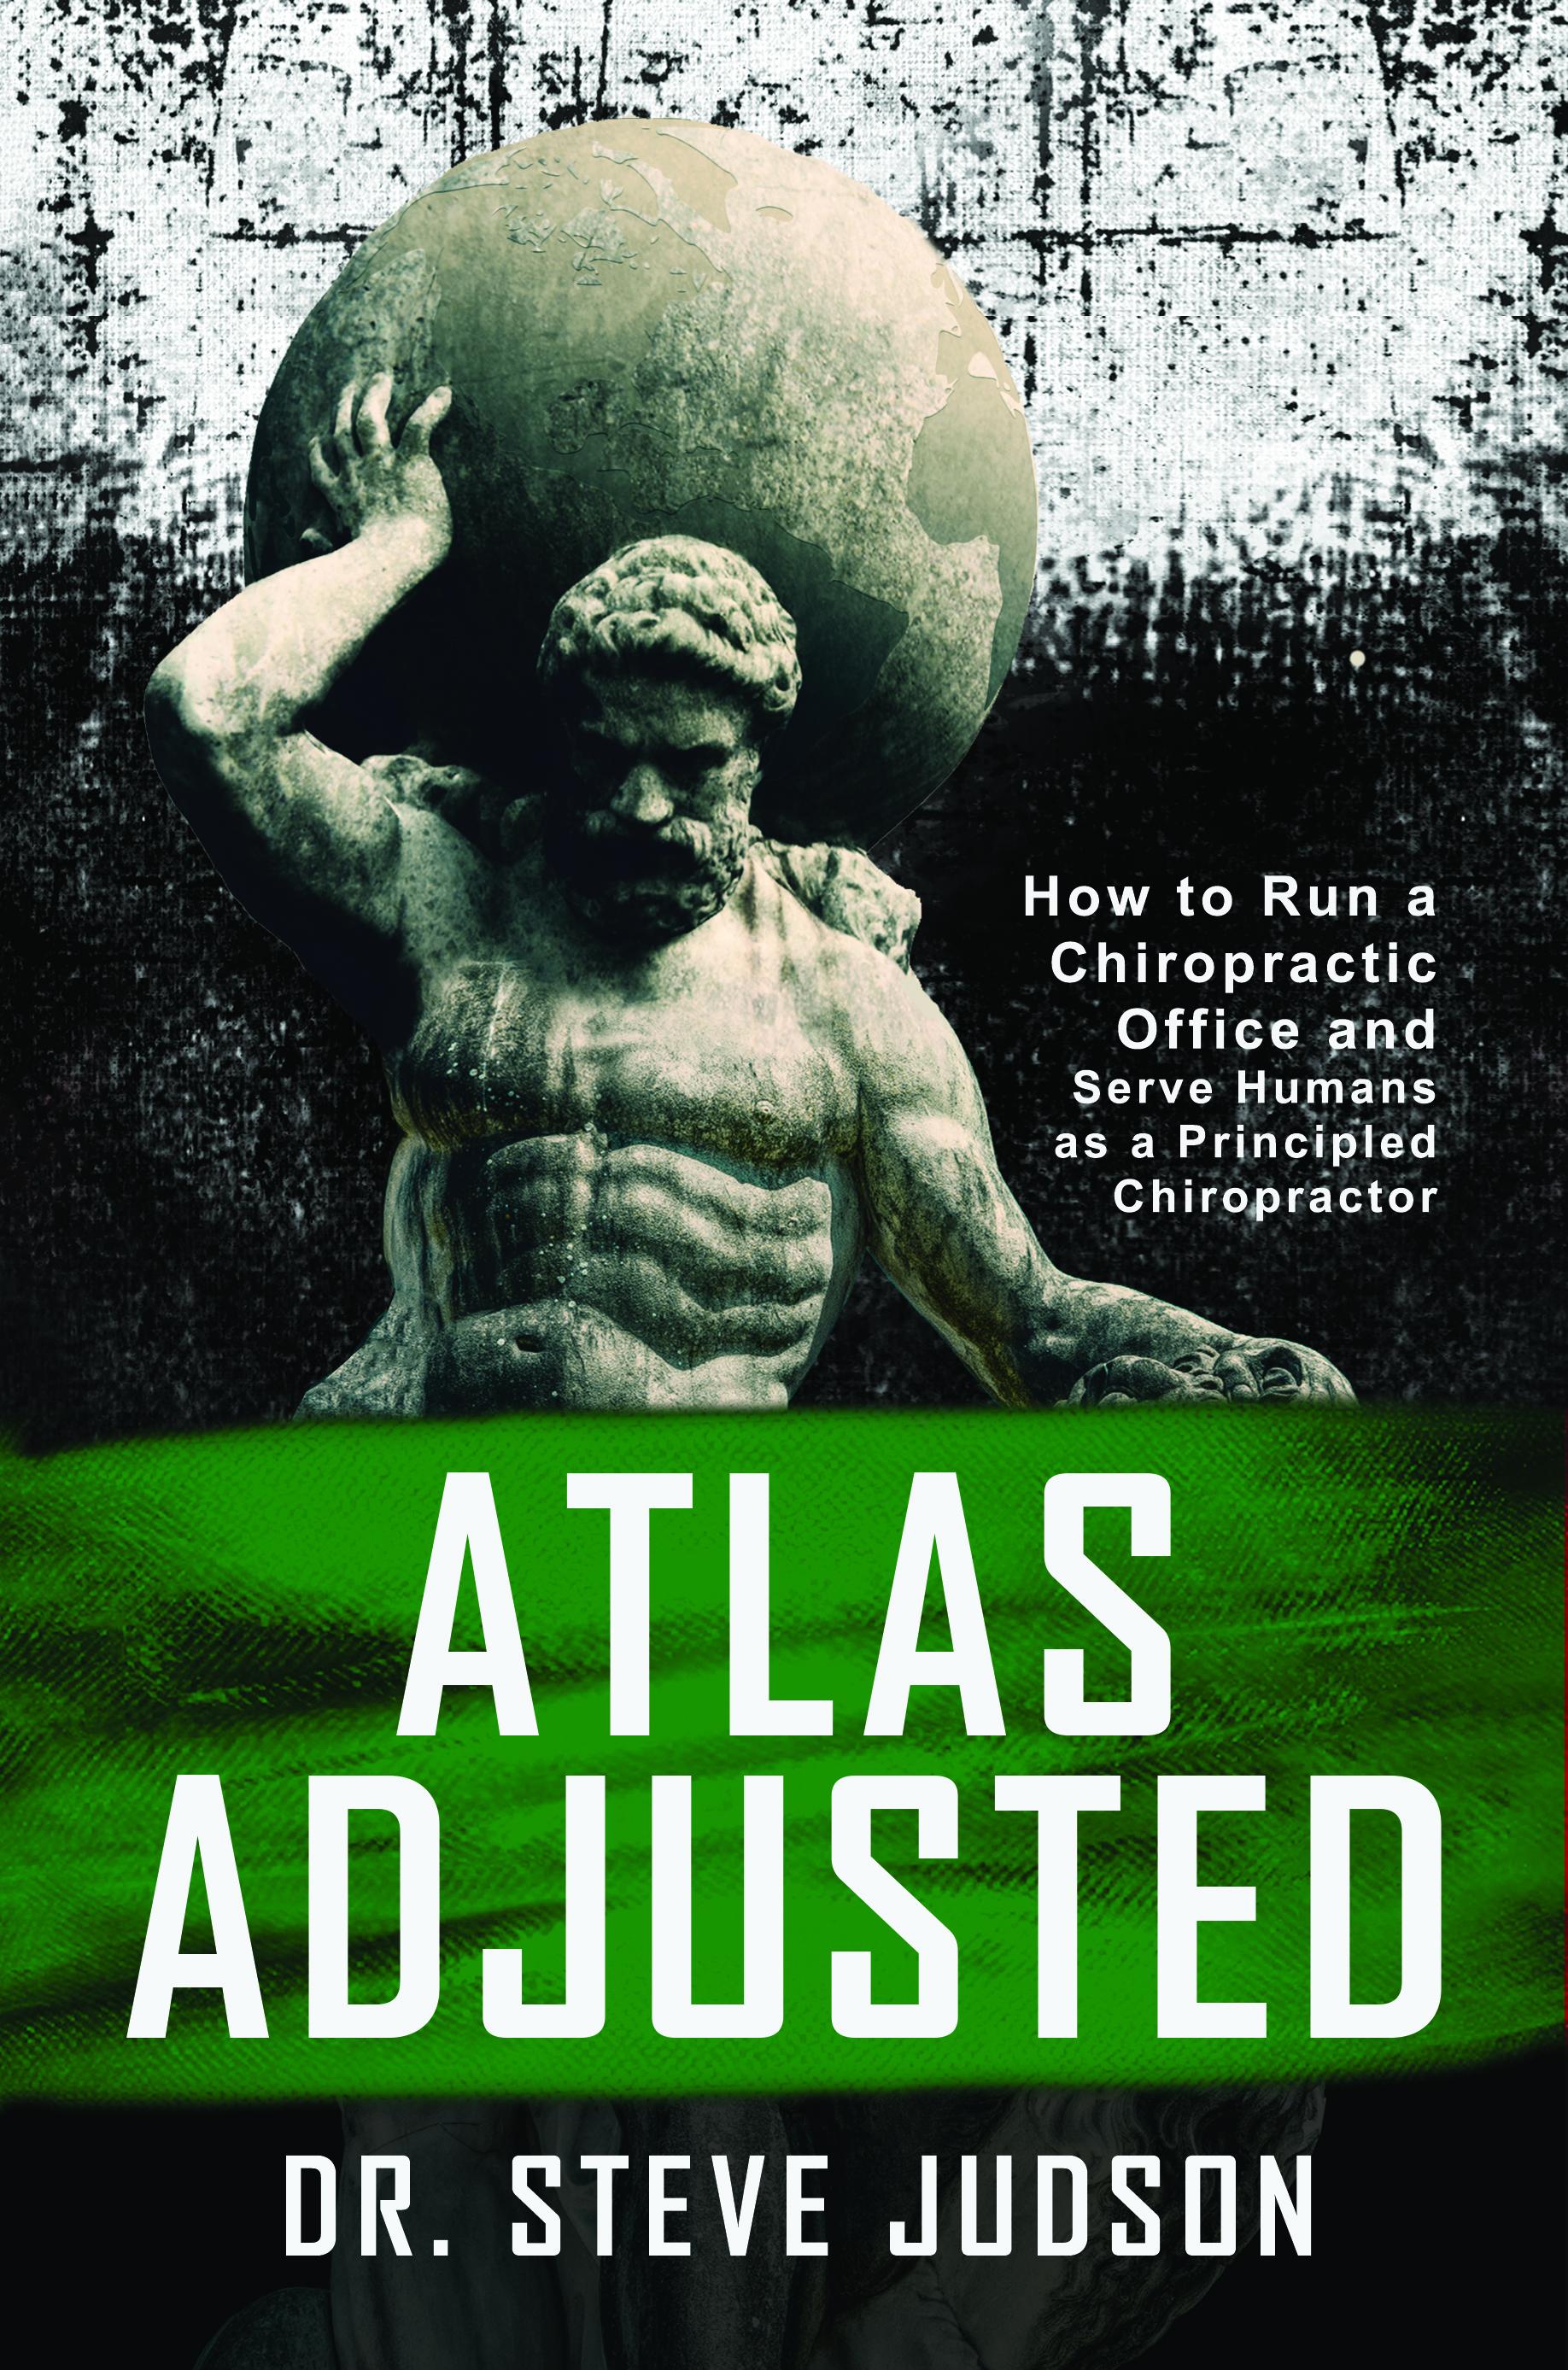 Atlas Adjusted(Book)_front_CMYK version.jpg